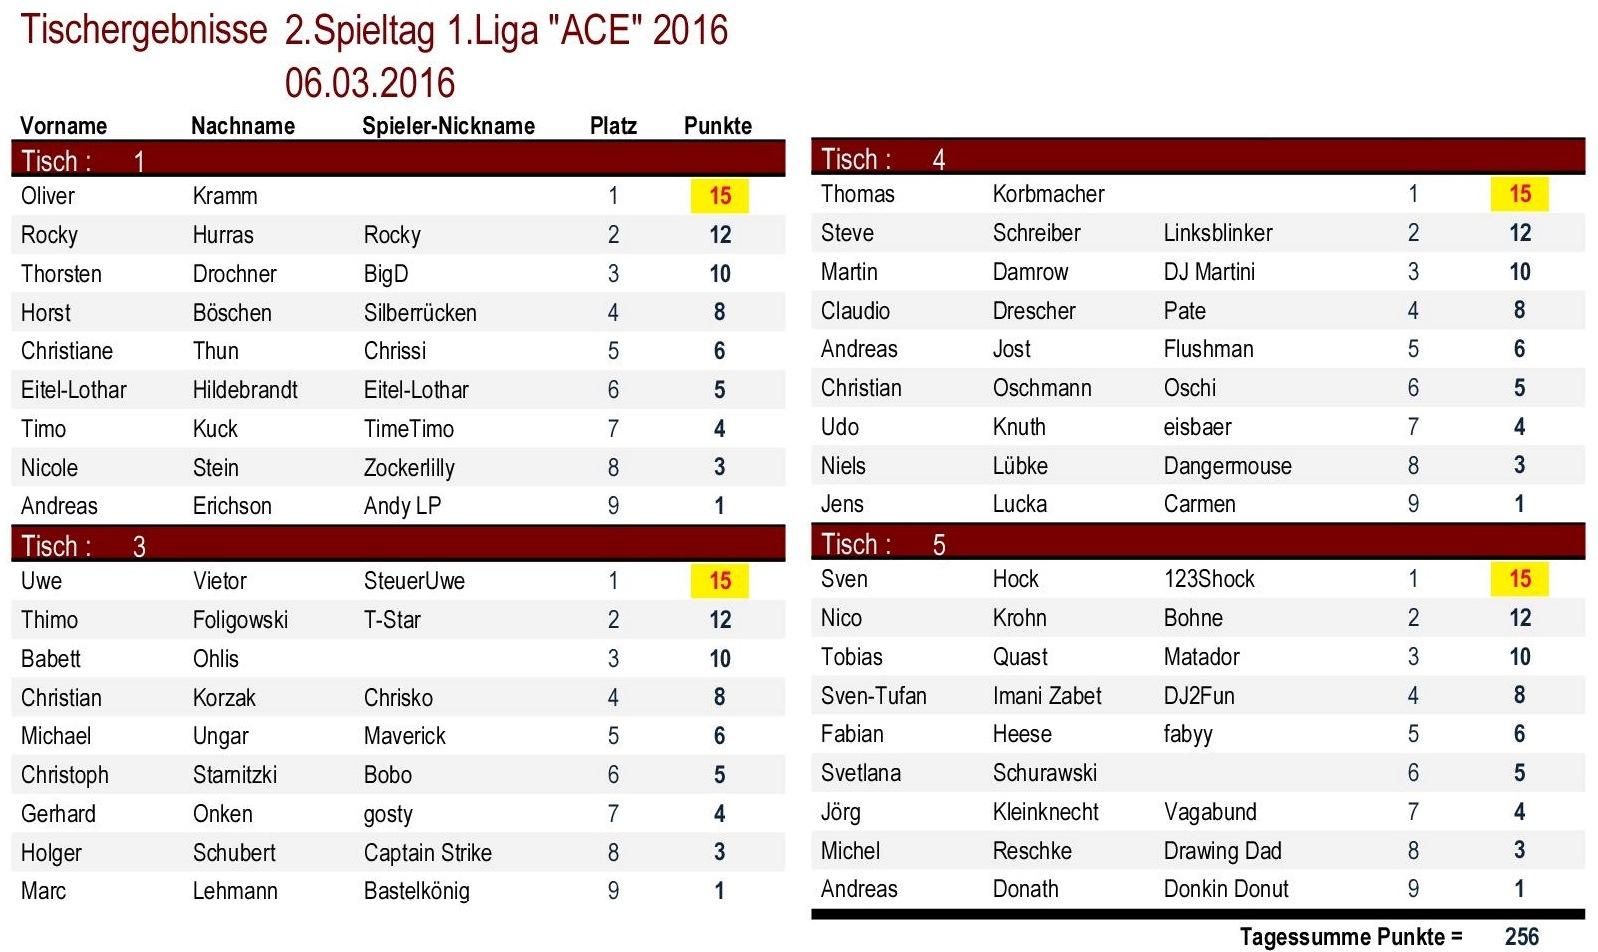 Tischergebnisse 1.Liga `ACE` 2.Spieltag 2016